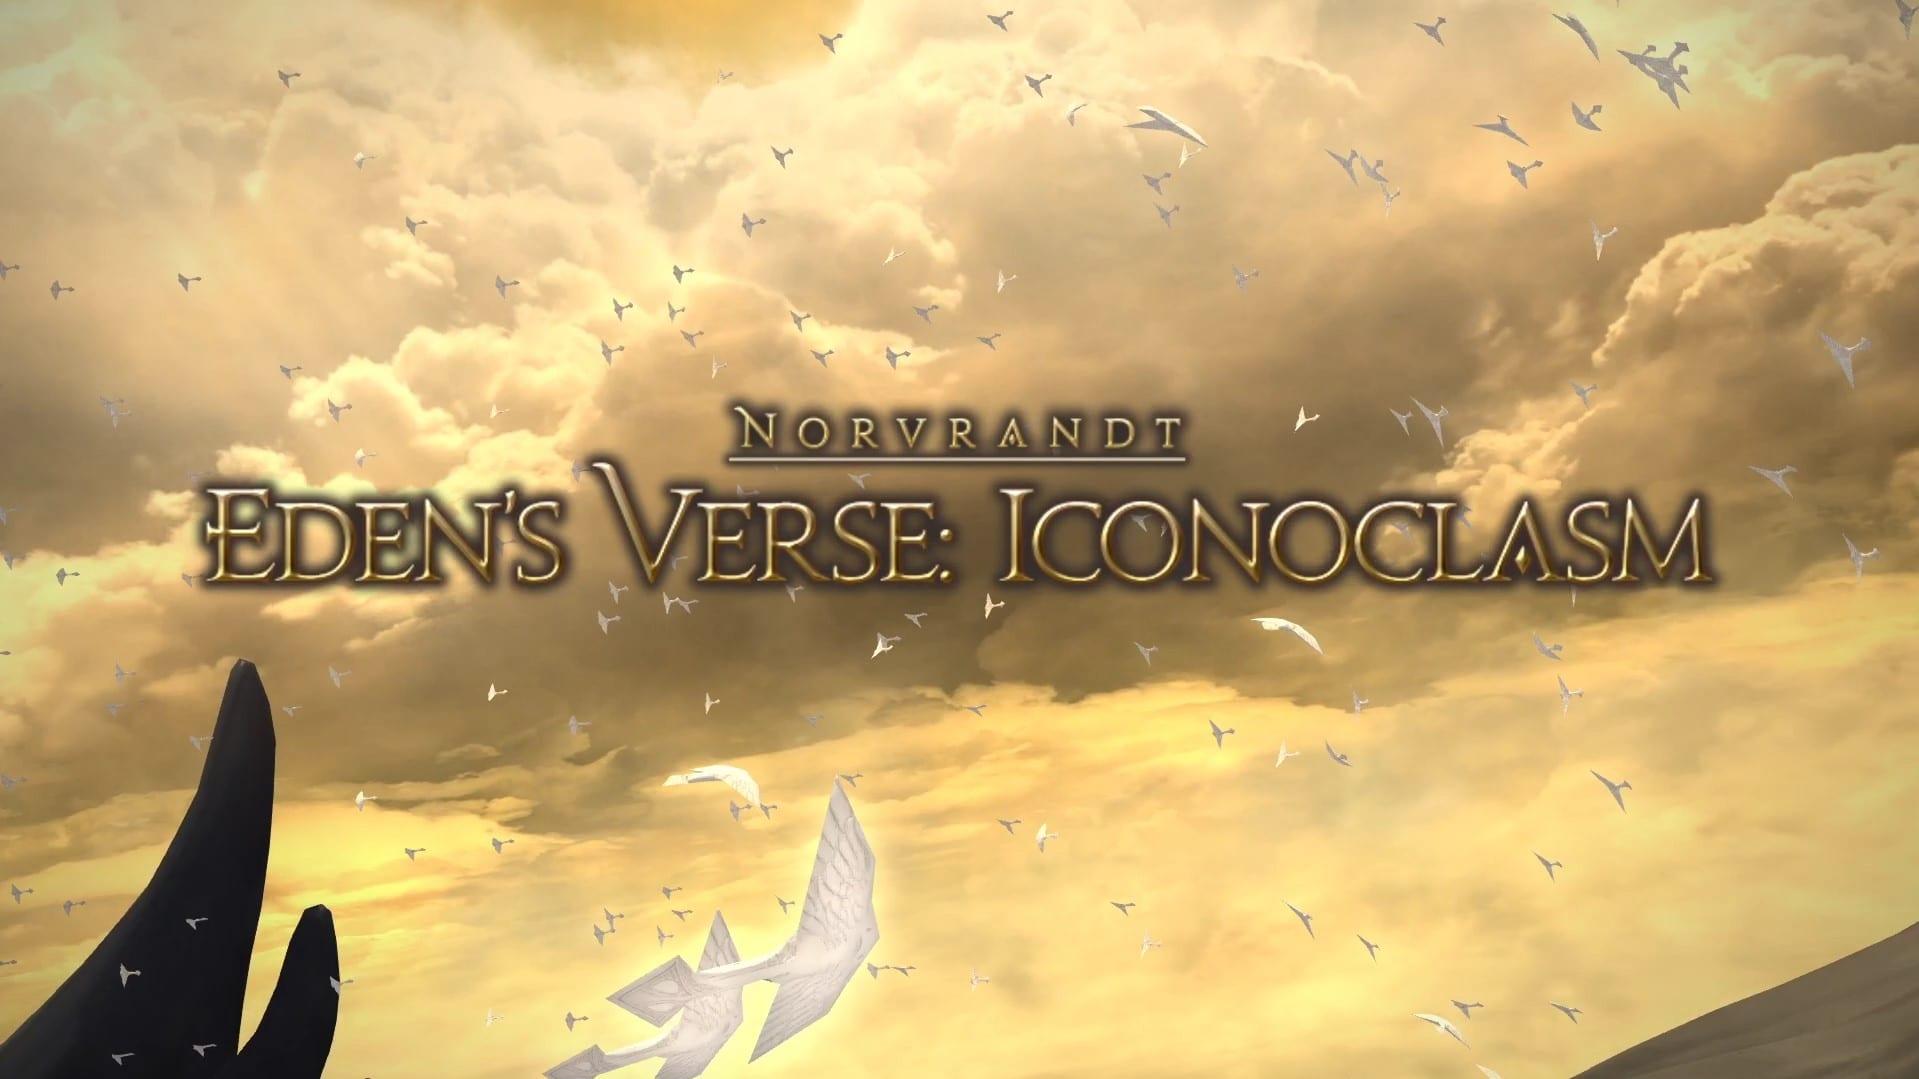 ffxiv, eden's verse iconoclasm, e7